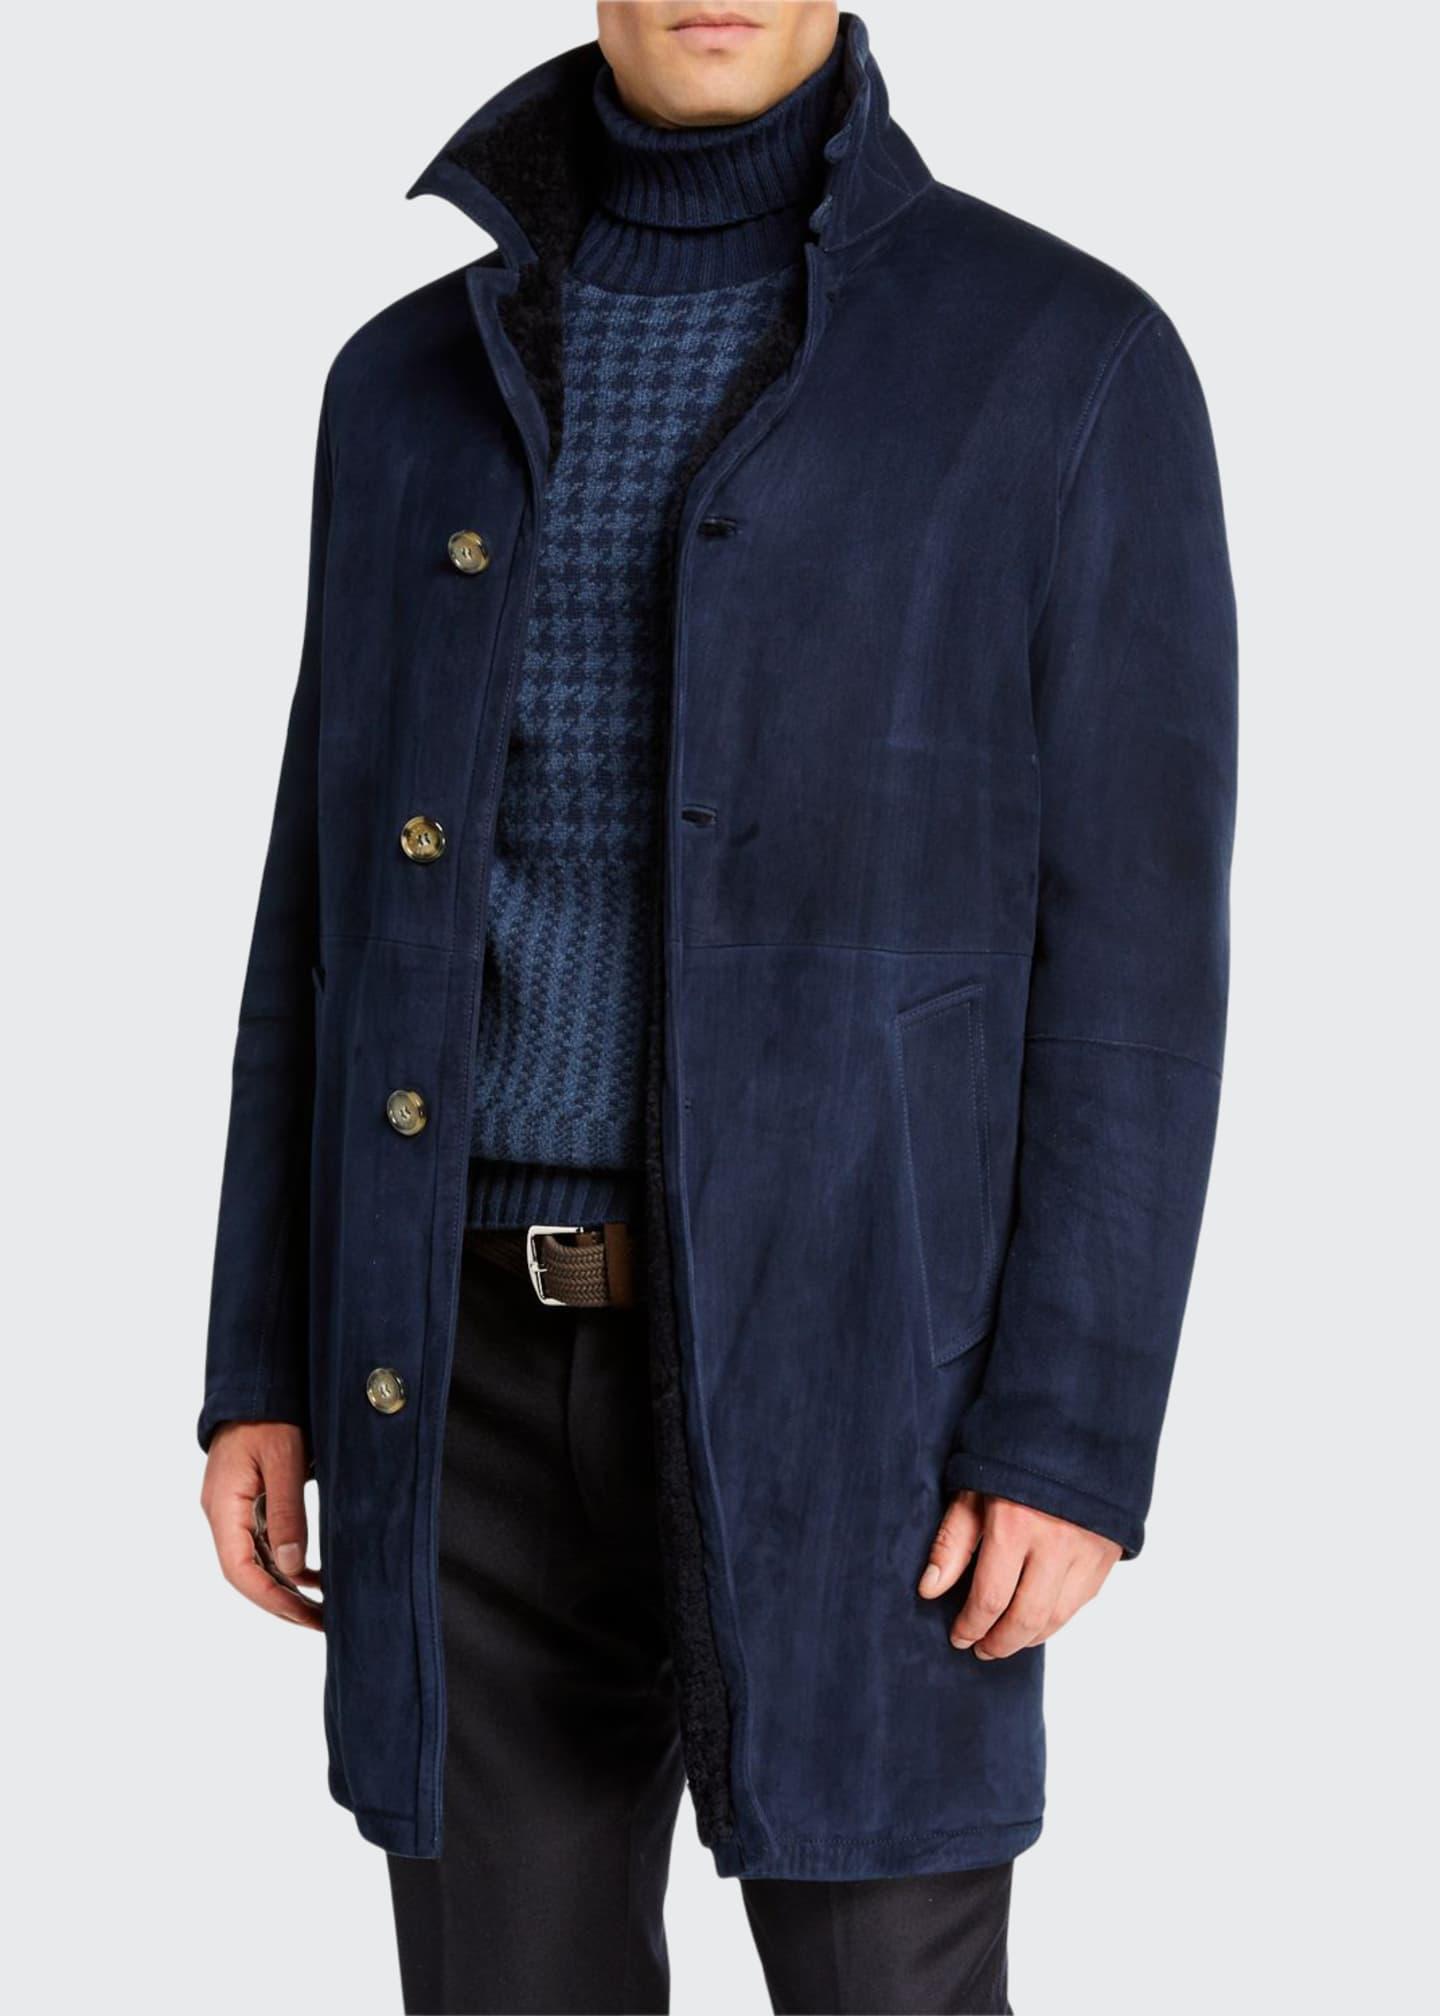 Loro Piana Men's Maremma Shearling-Lined Coat